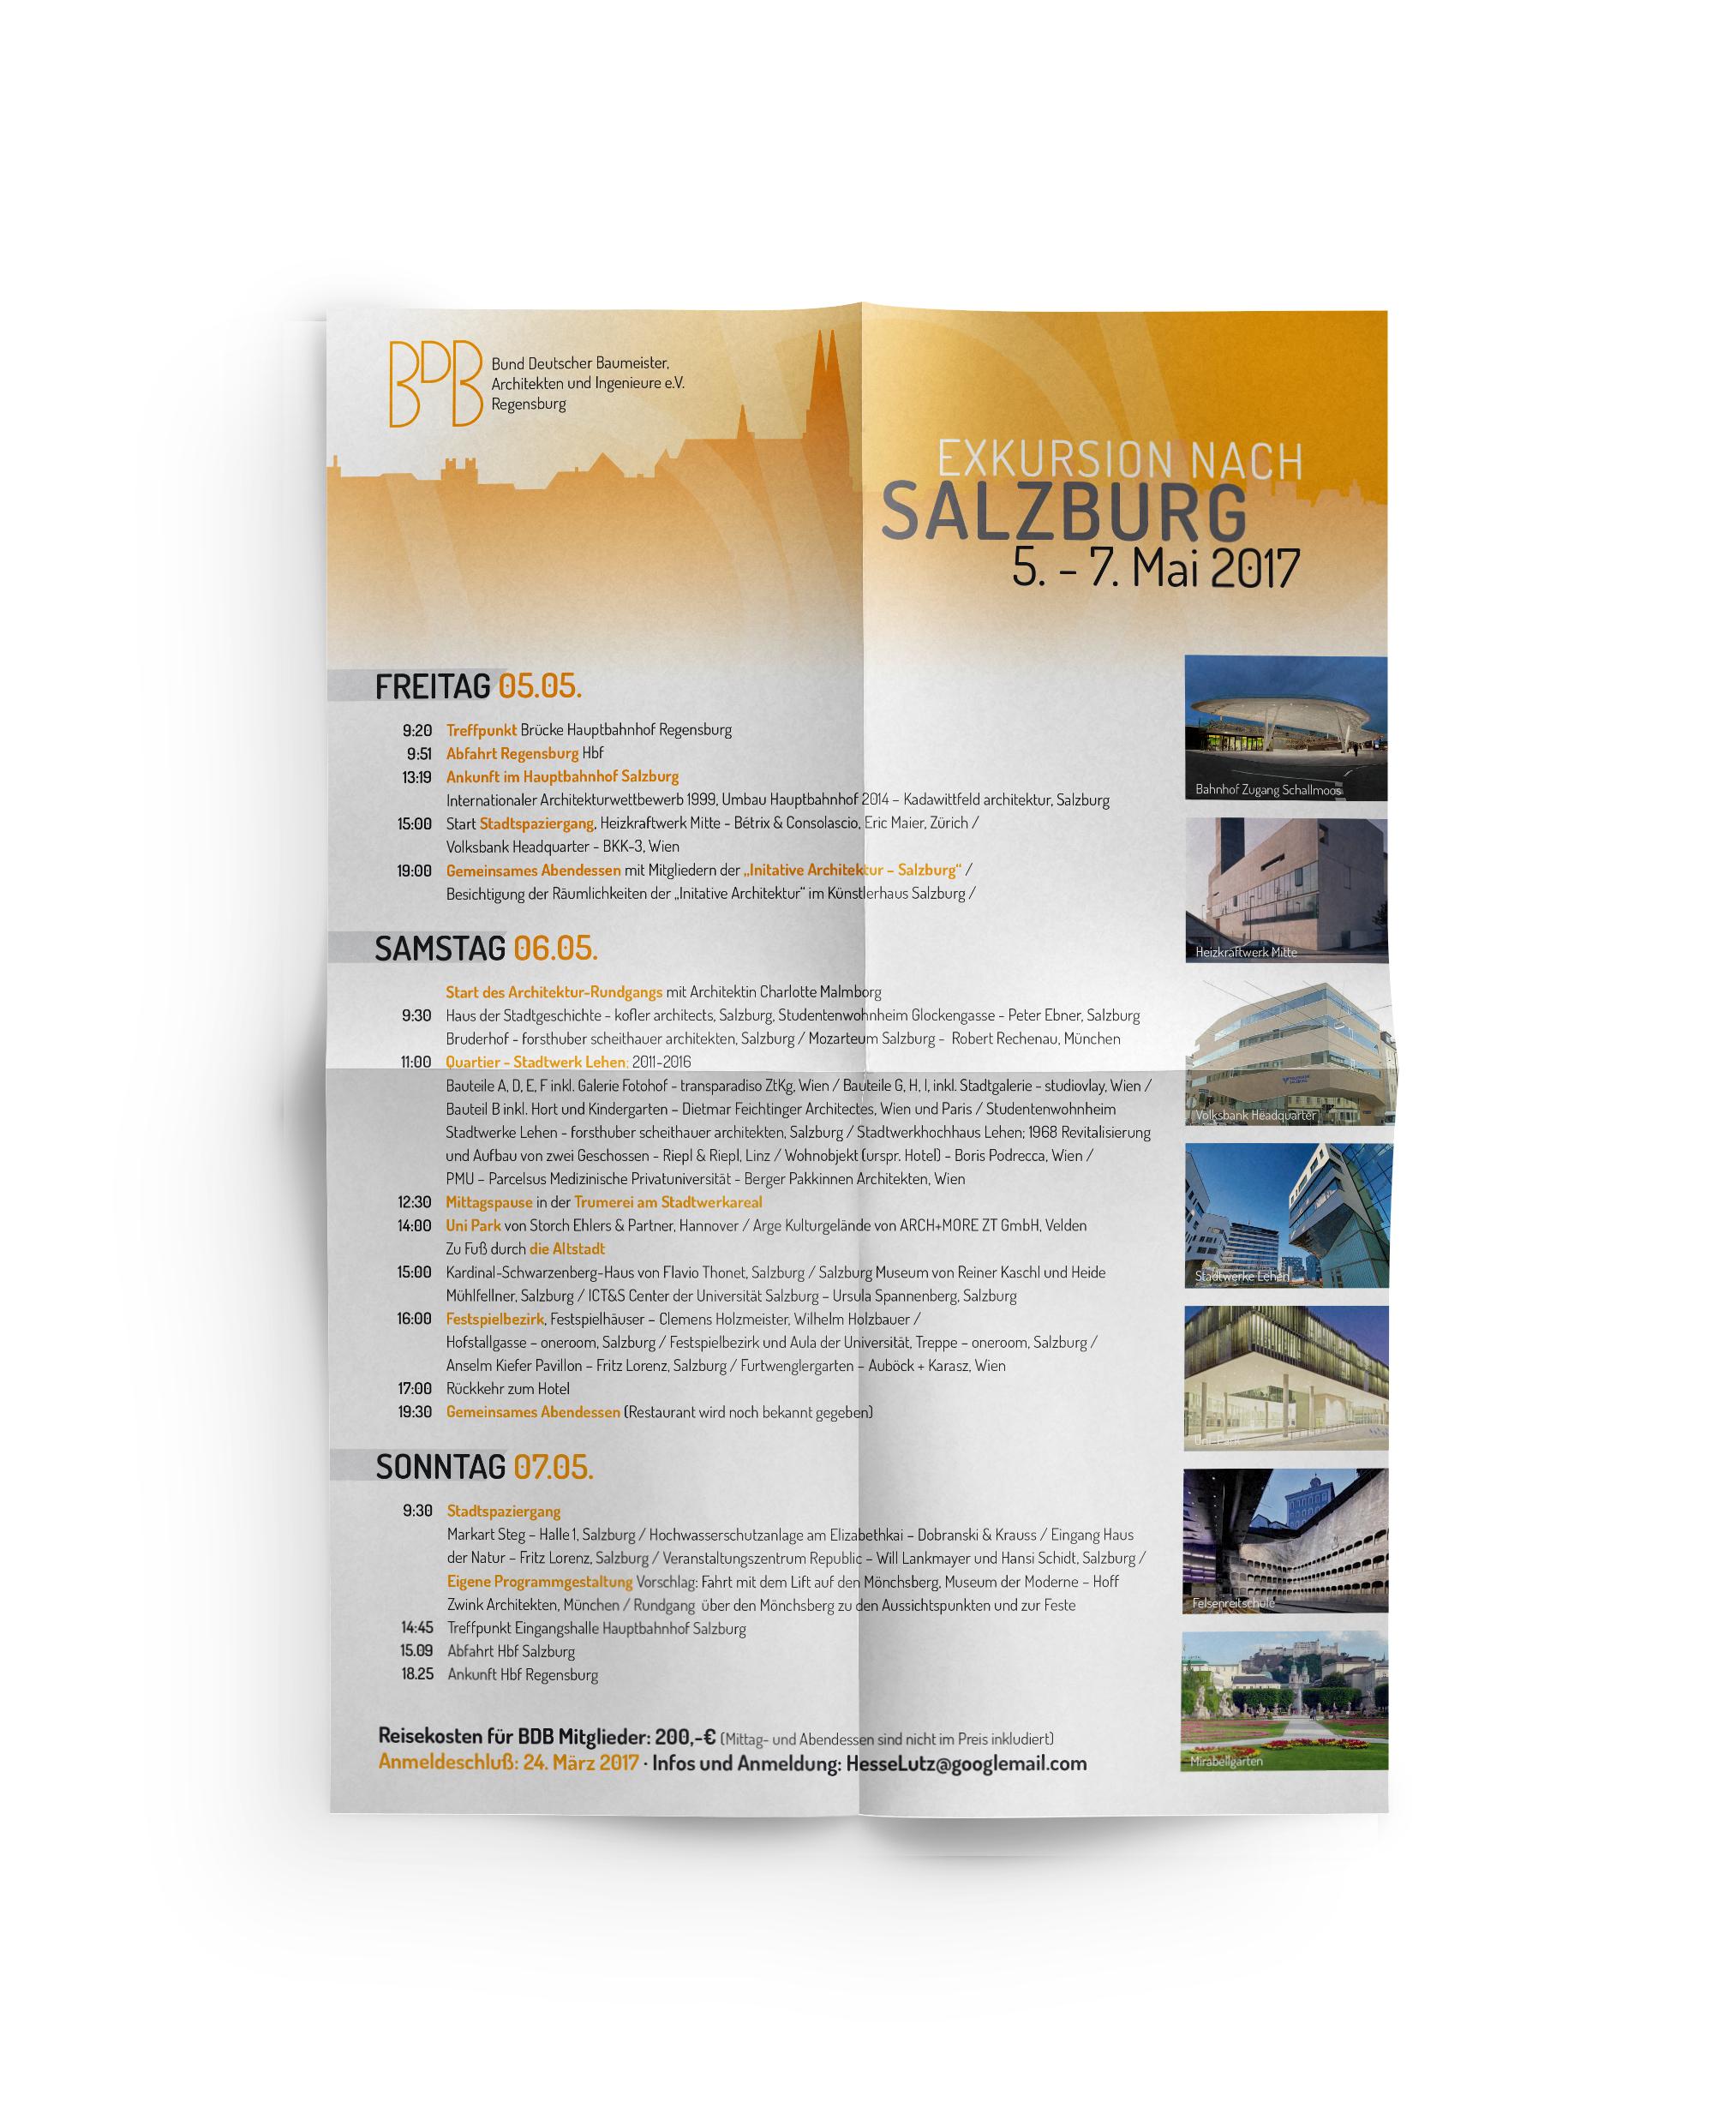 Exkursionsprogramm_Salzburg